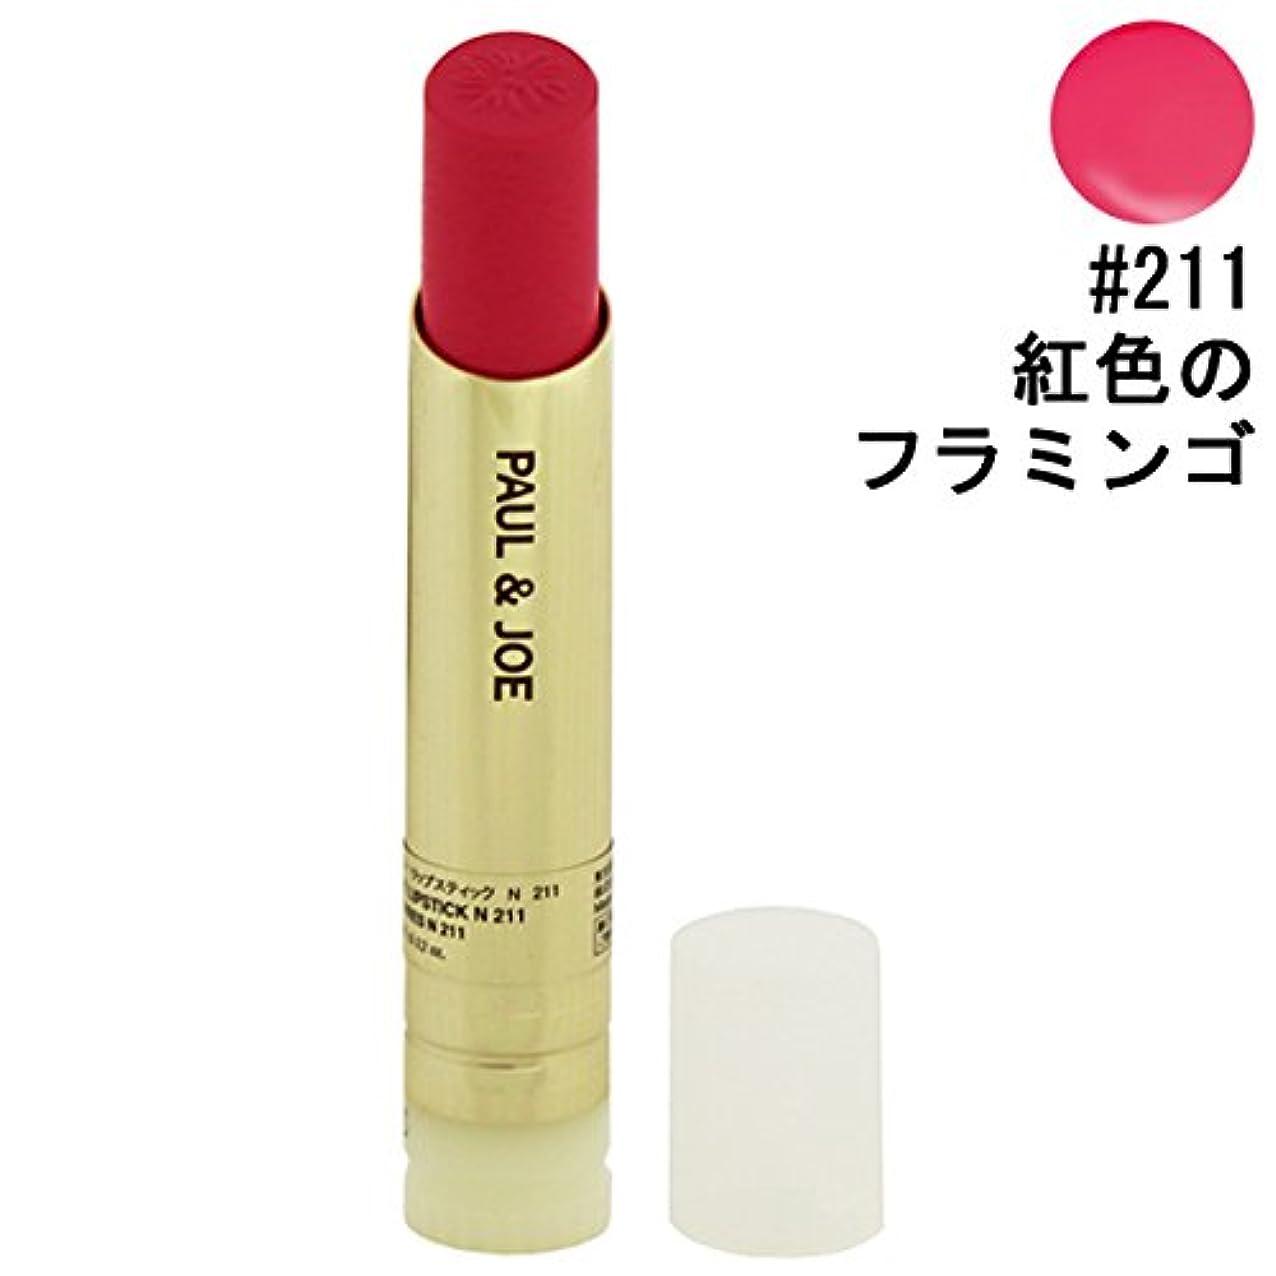 すり商品先【ポール&ジョー】リップスティックN #211 紅色のフラミンゴ (レフィル) 3.5g